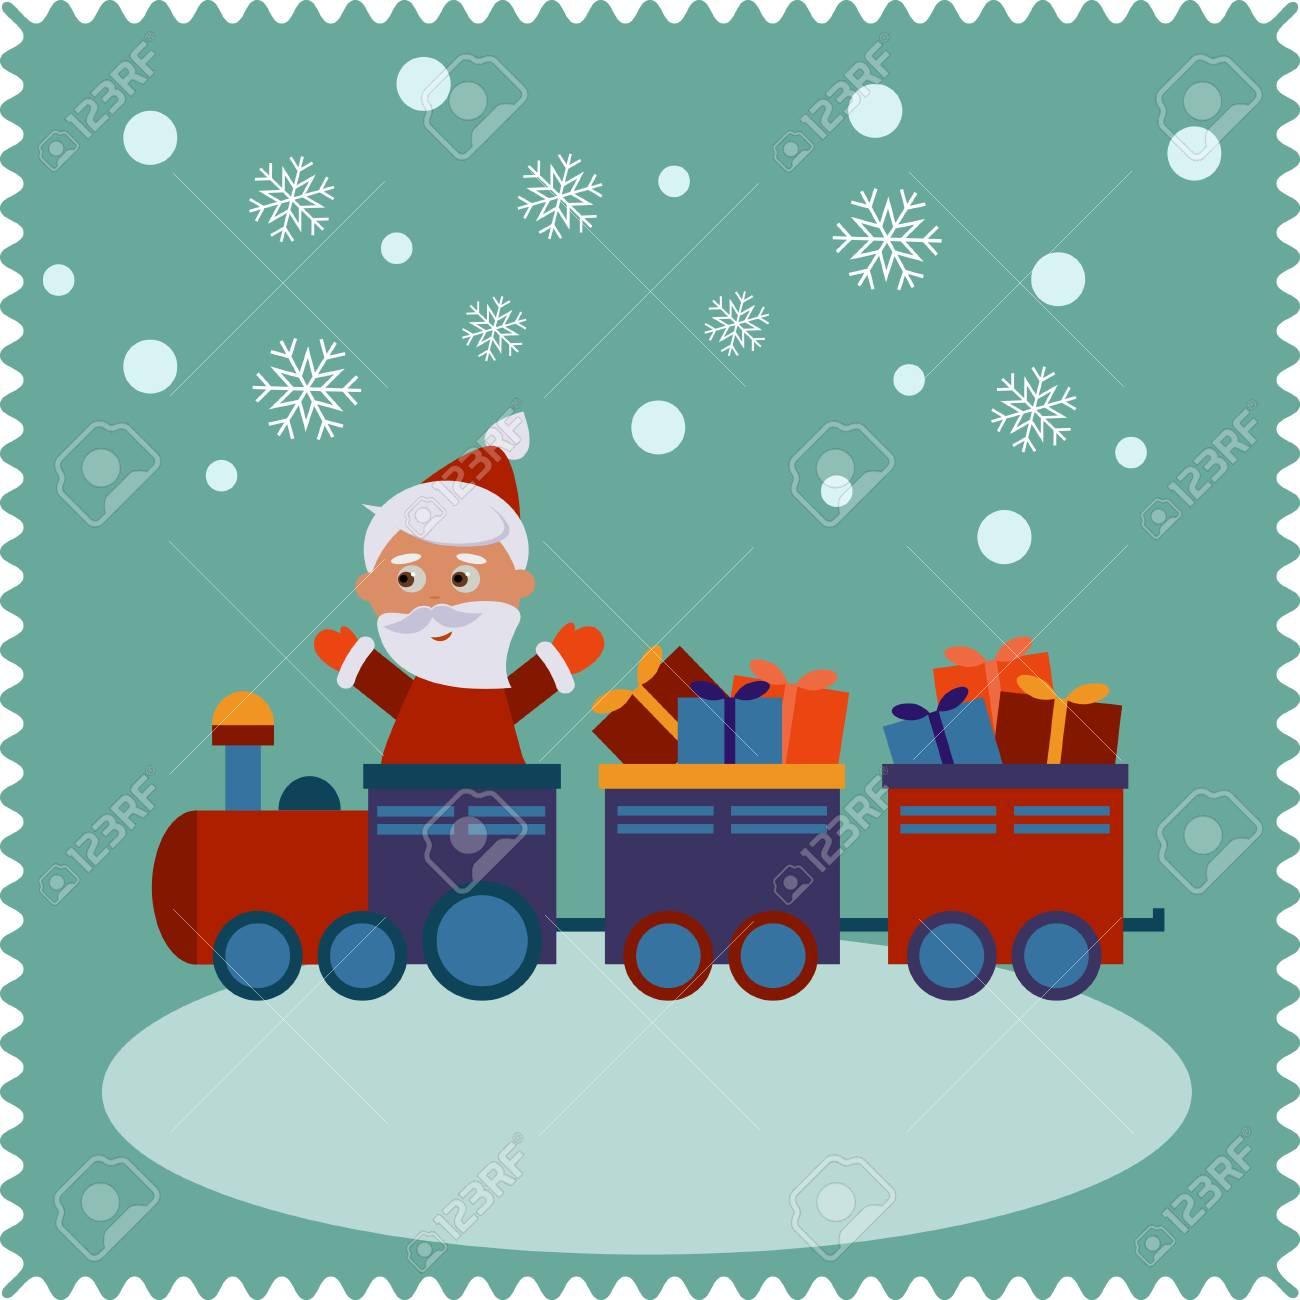 521308116ad9 Banque d images - Père Noël de voyager en train. Noël carte mignonne de  nouvelle année, joyeux noël